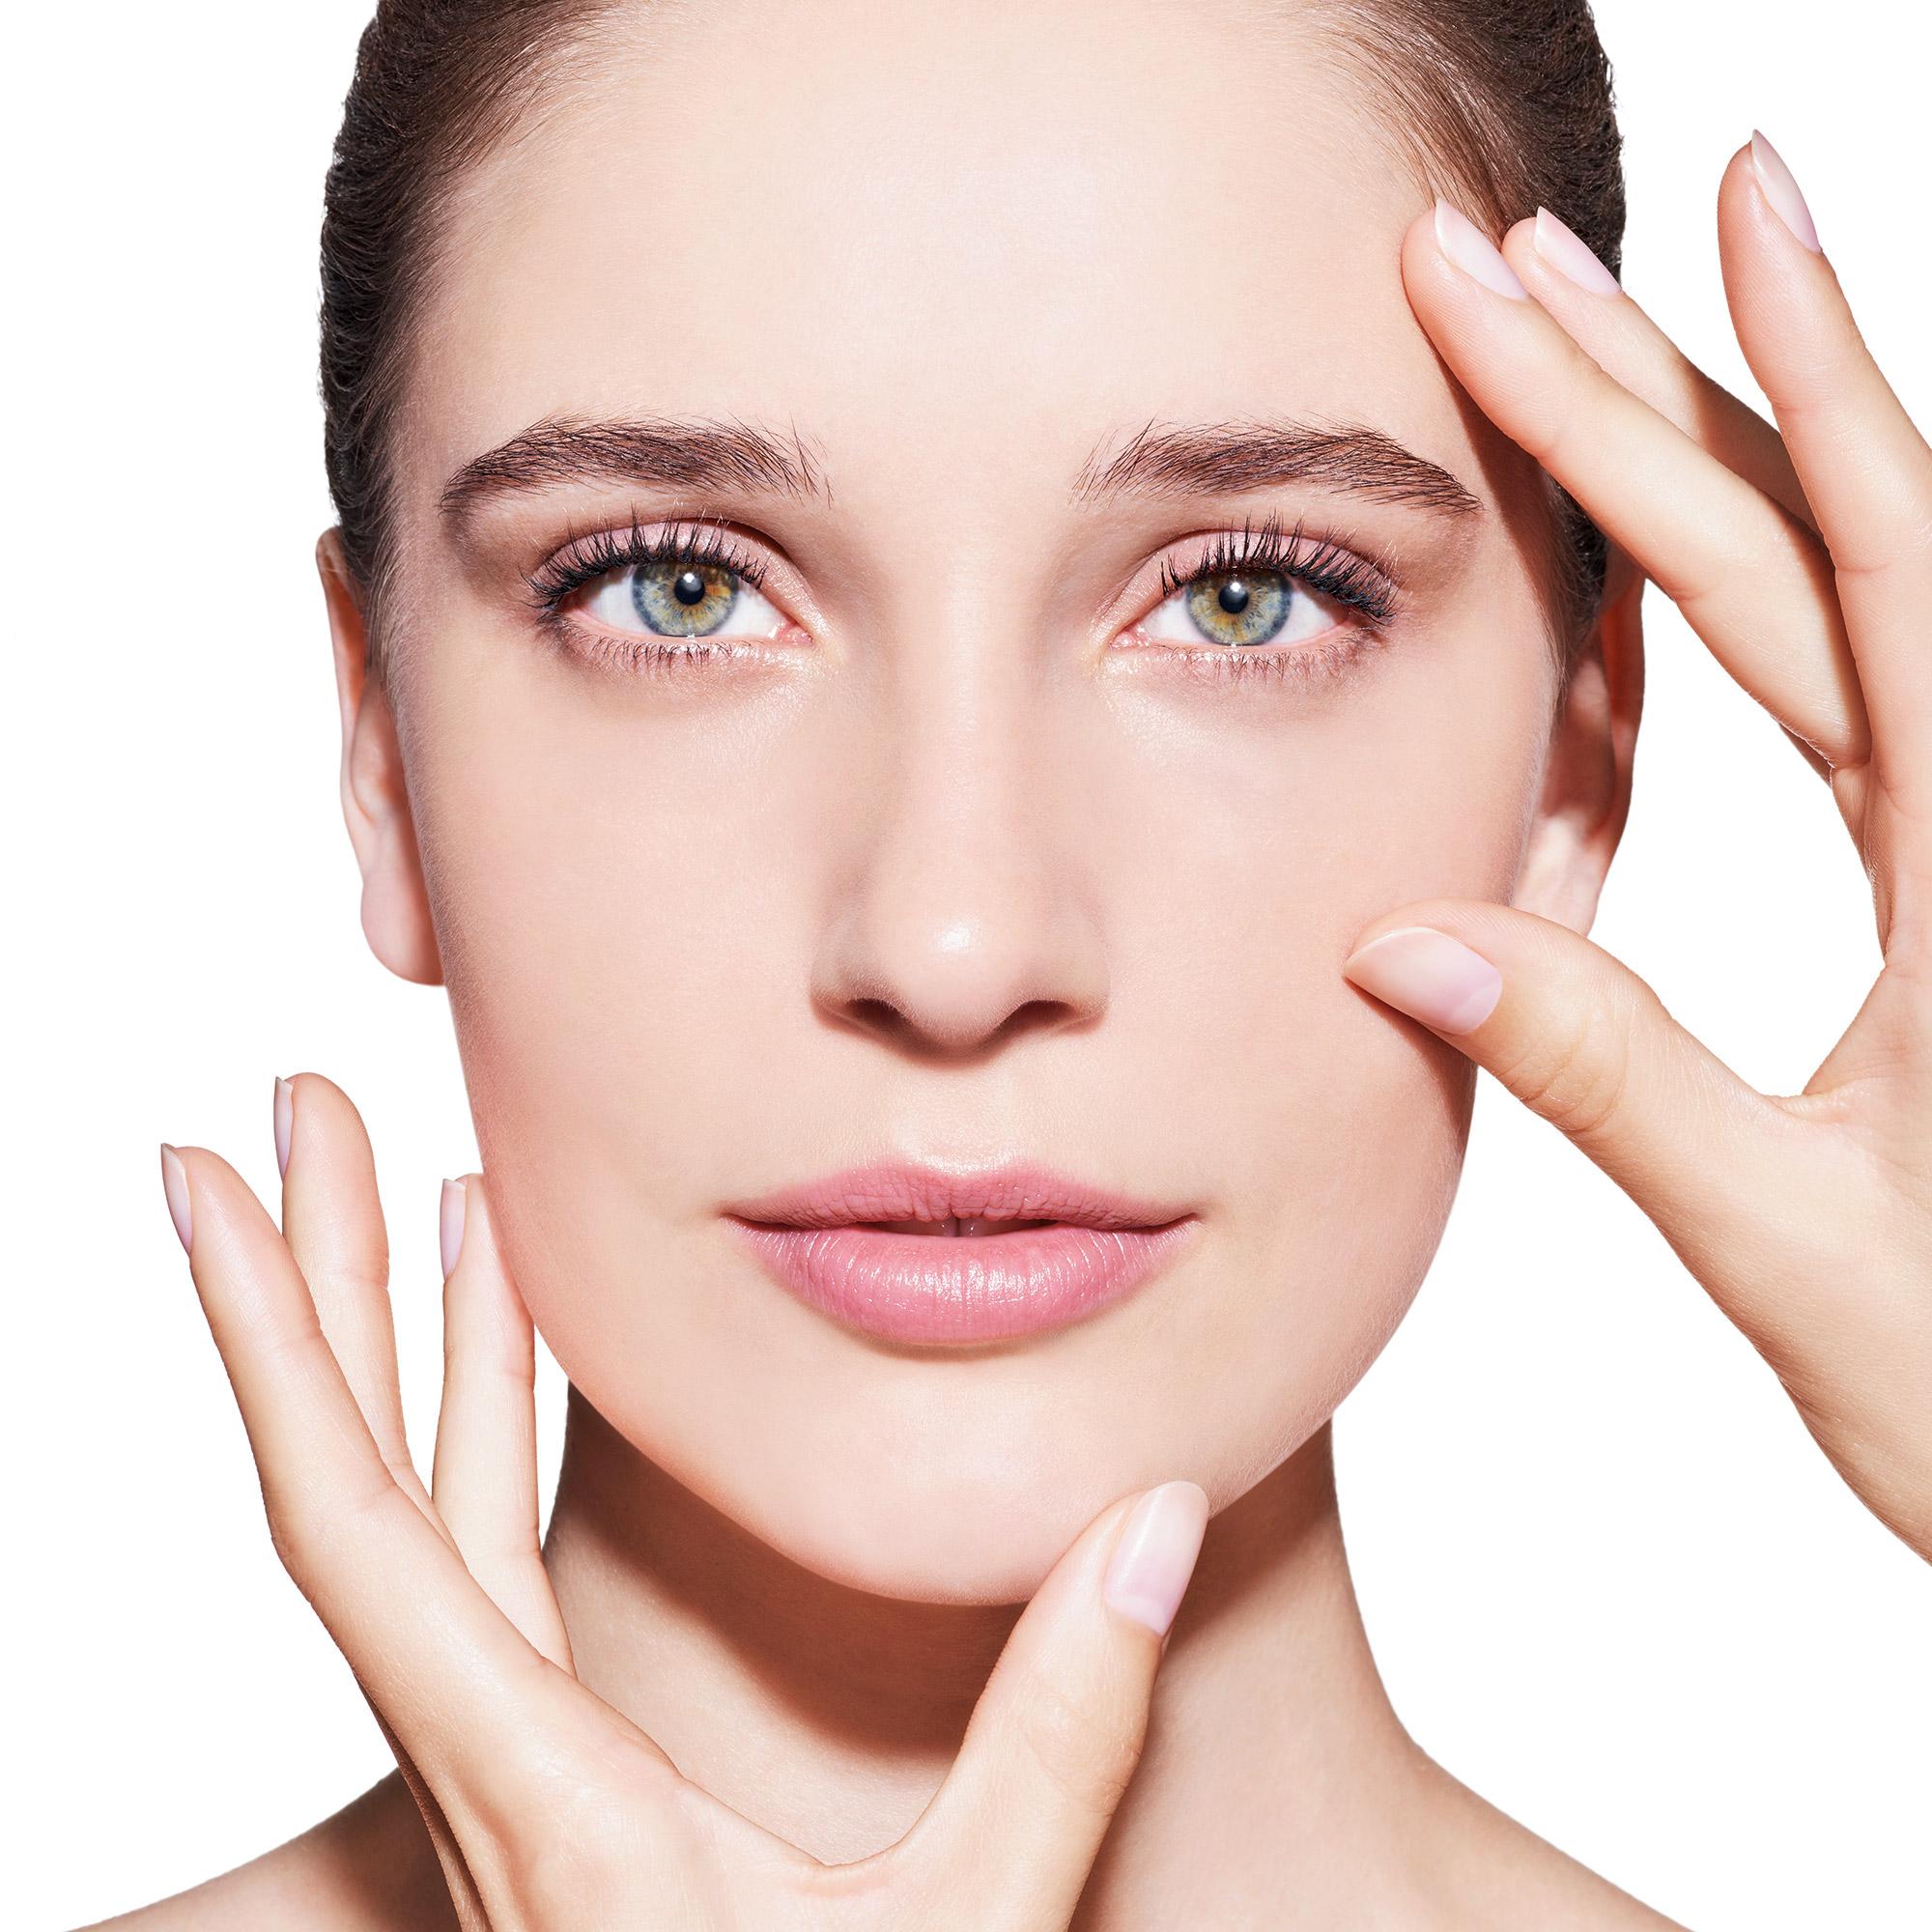 soin du visage lyon6,institut de beaute lyon6,maria galland lyon,epilation lyon6,soin du visage lyon6,estheticienne lyon6